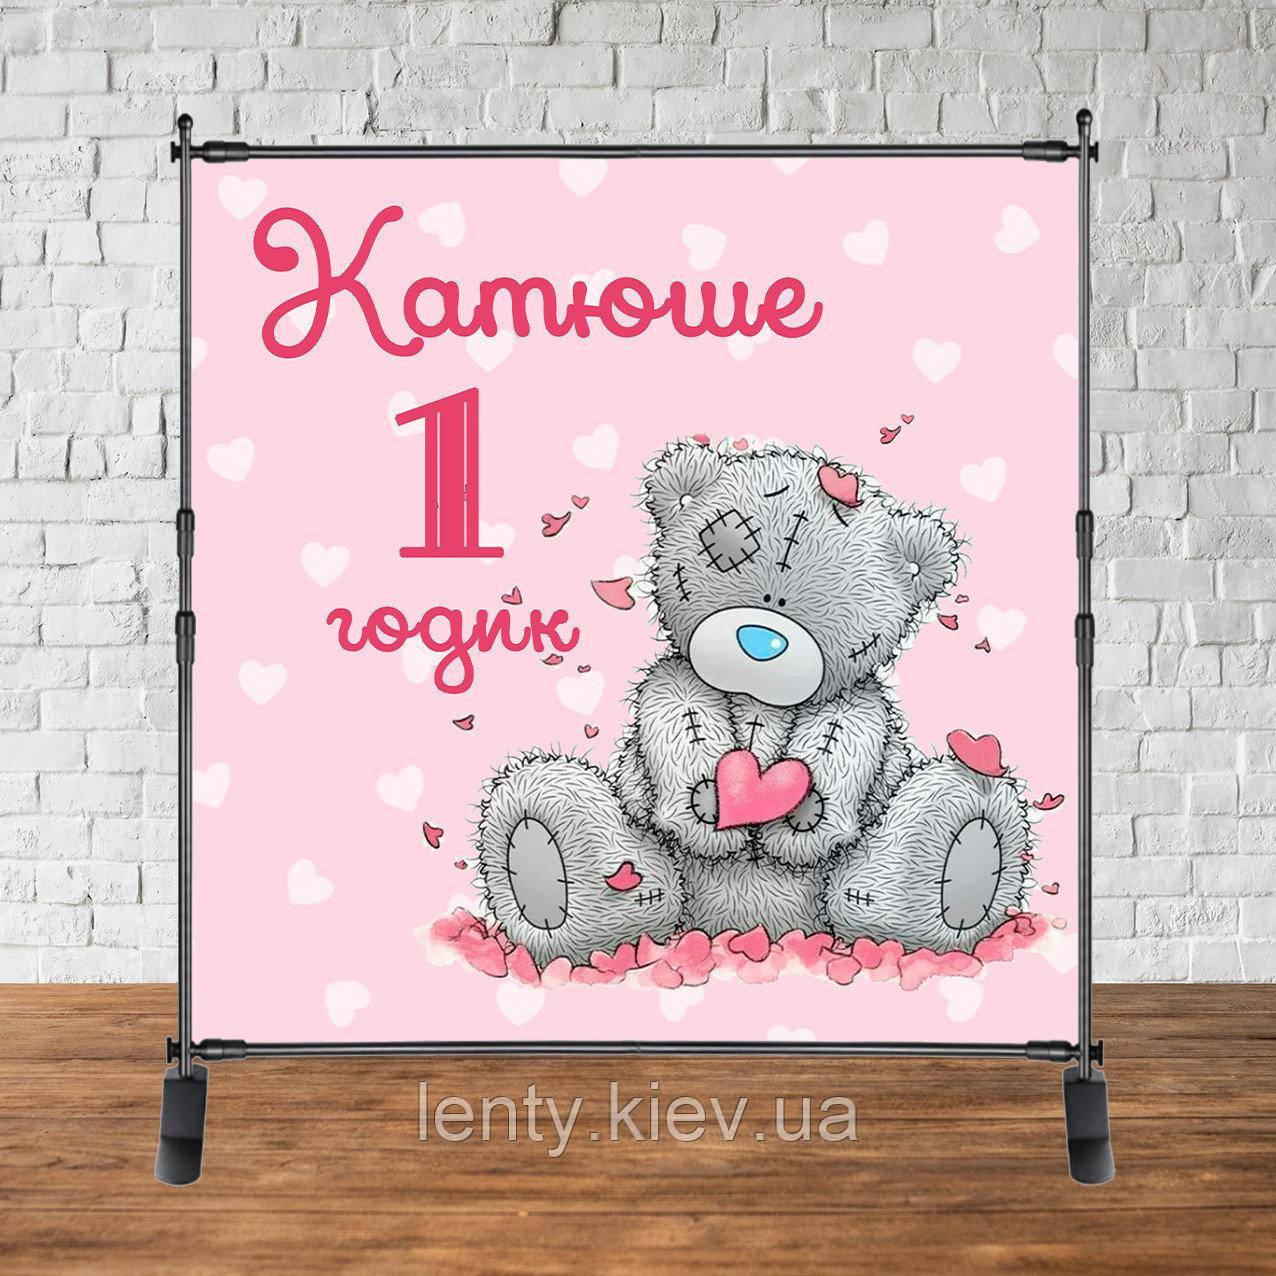 Продажа Баннера - Фотозона (виниловый баннер) на день рождения Мишка Тедди розовый 2х2 м -